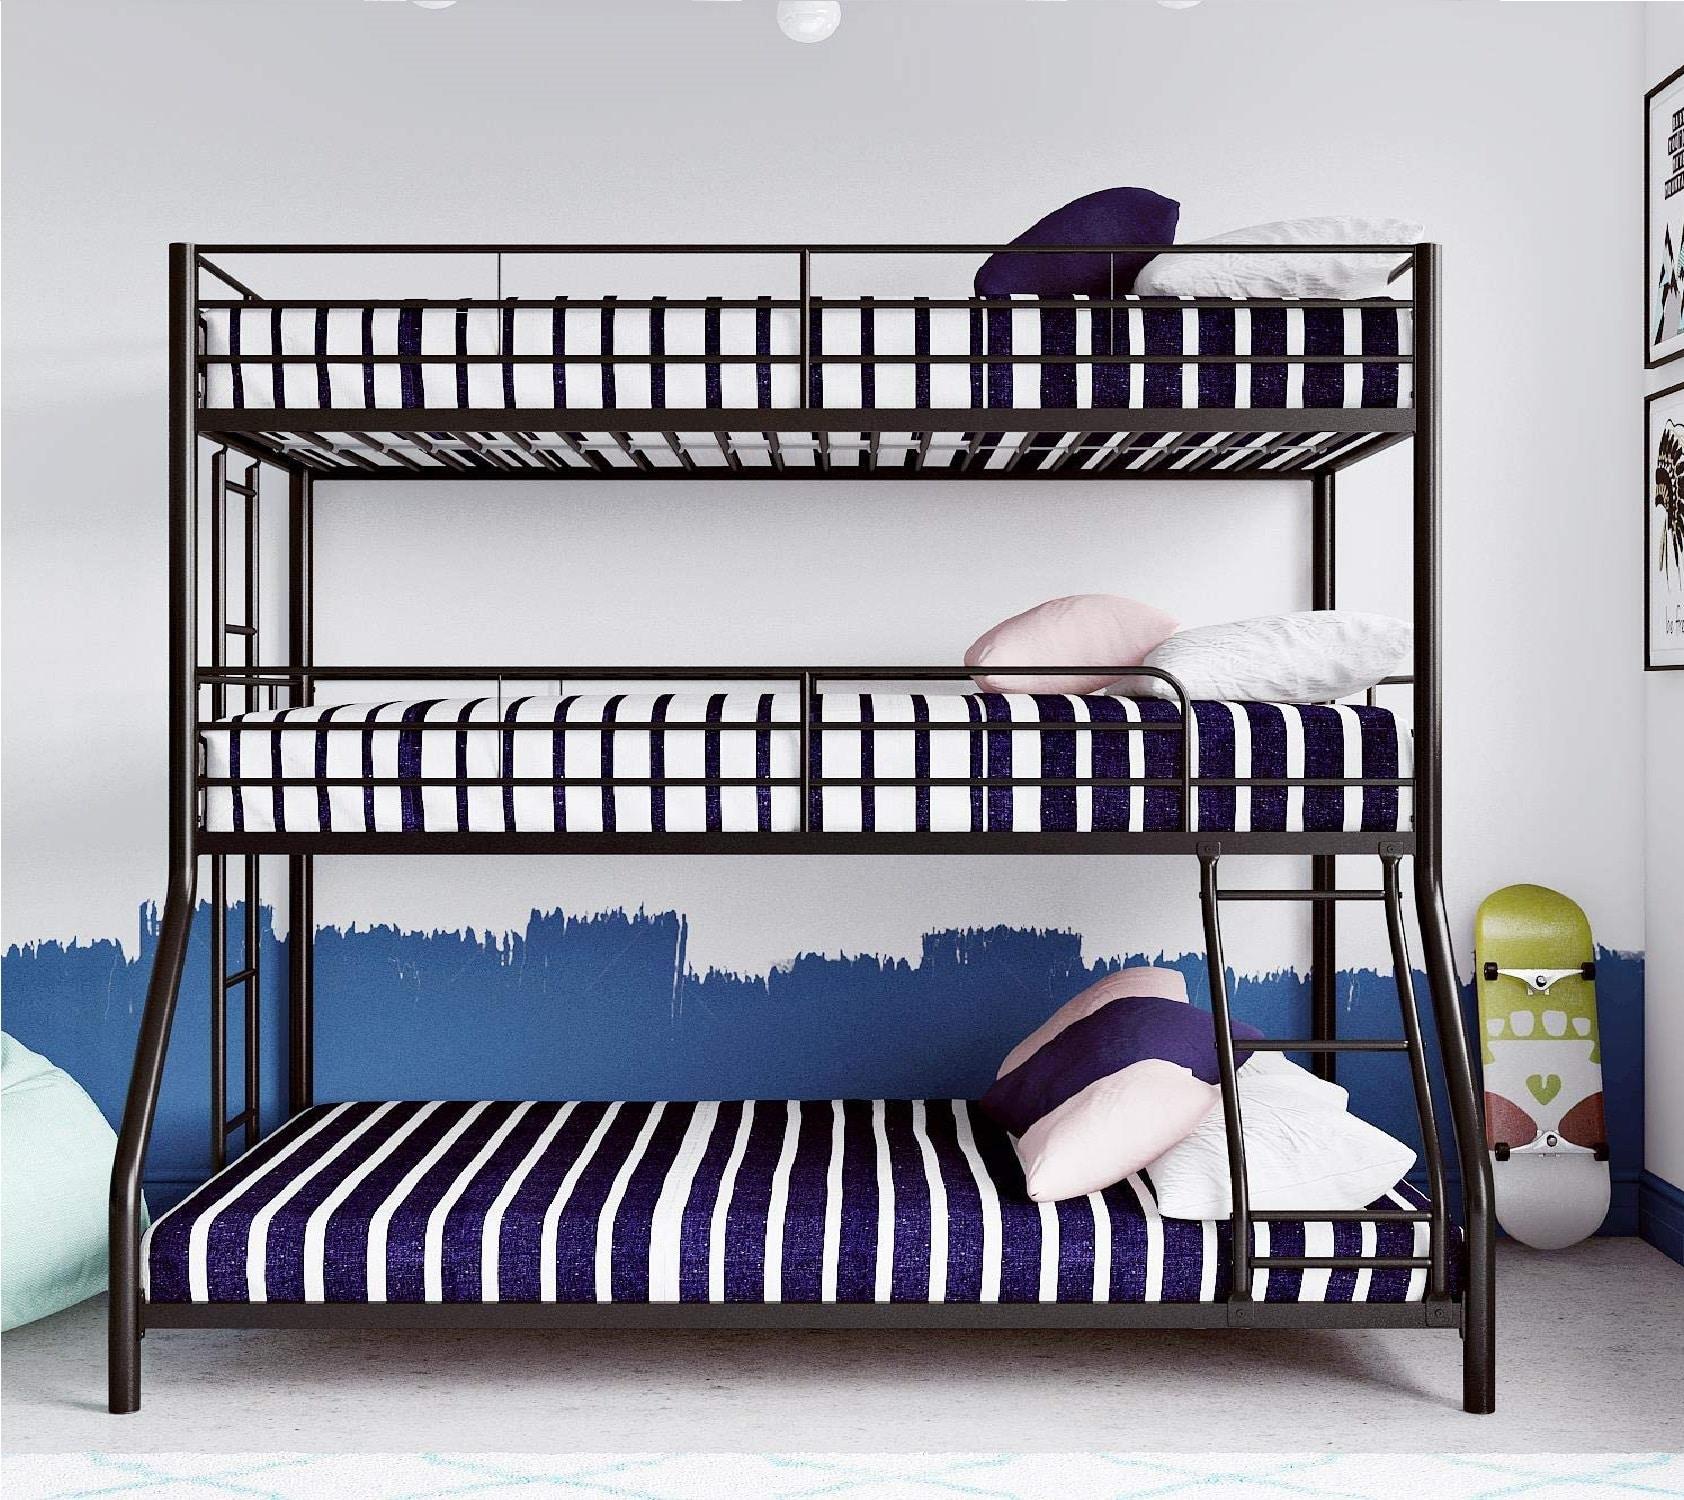 2.Max & Finn Triple Bunk bed, Twin